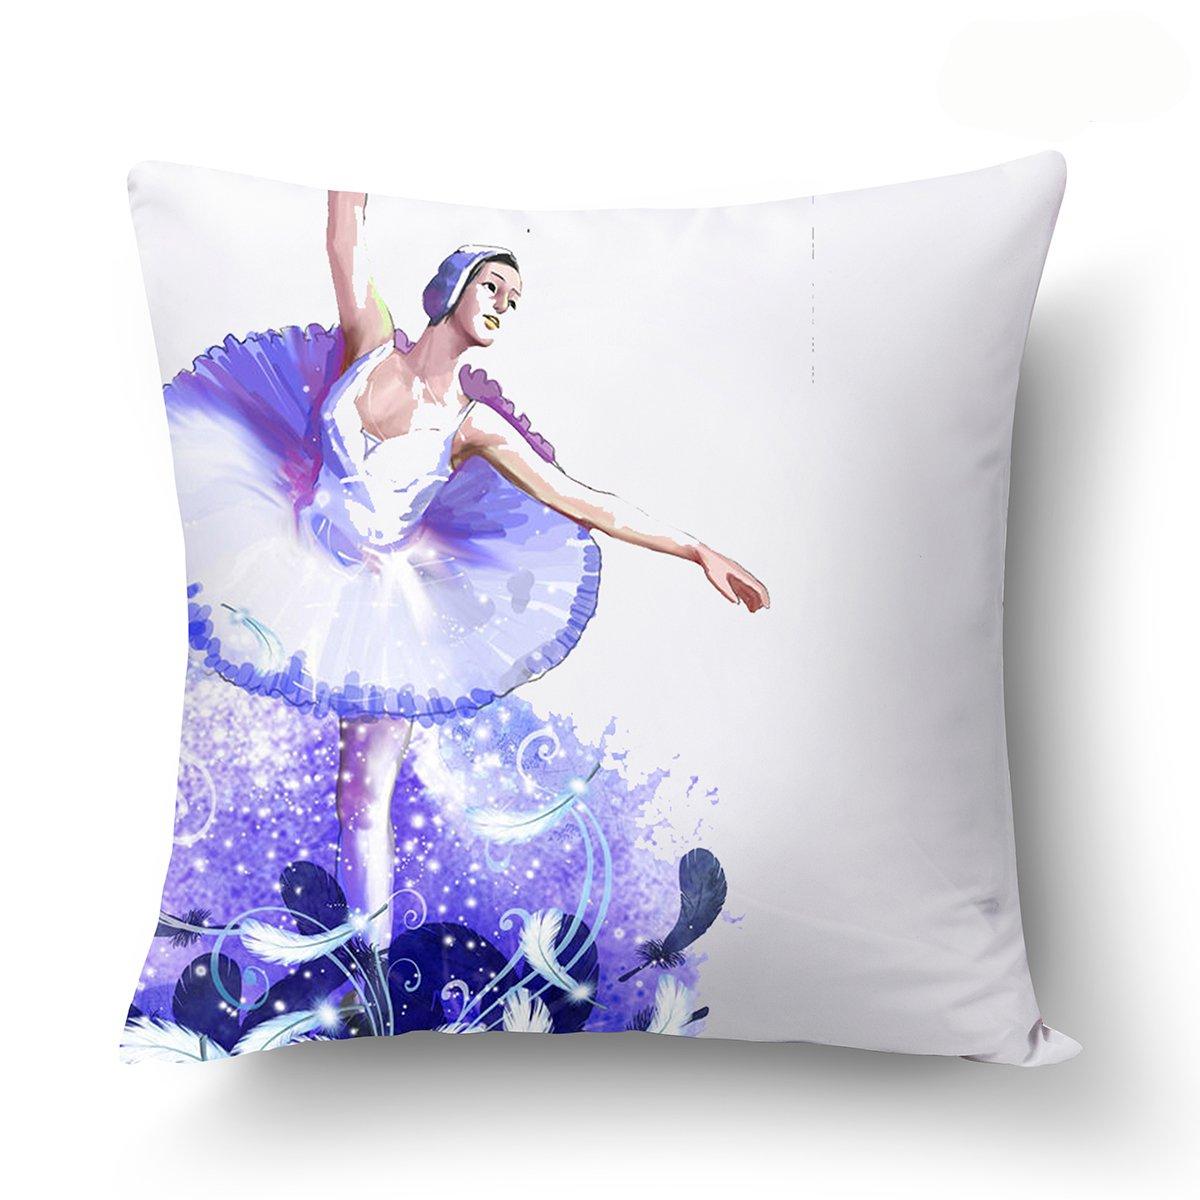 Smirk Sumer Fashion Dancer painting 45* 45cm federa personalità Ballet cuscino quadrato Home Decor cover, Poliestere, 1, 1